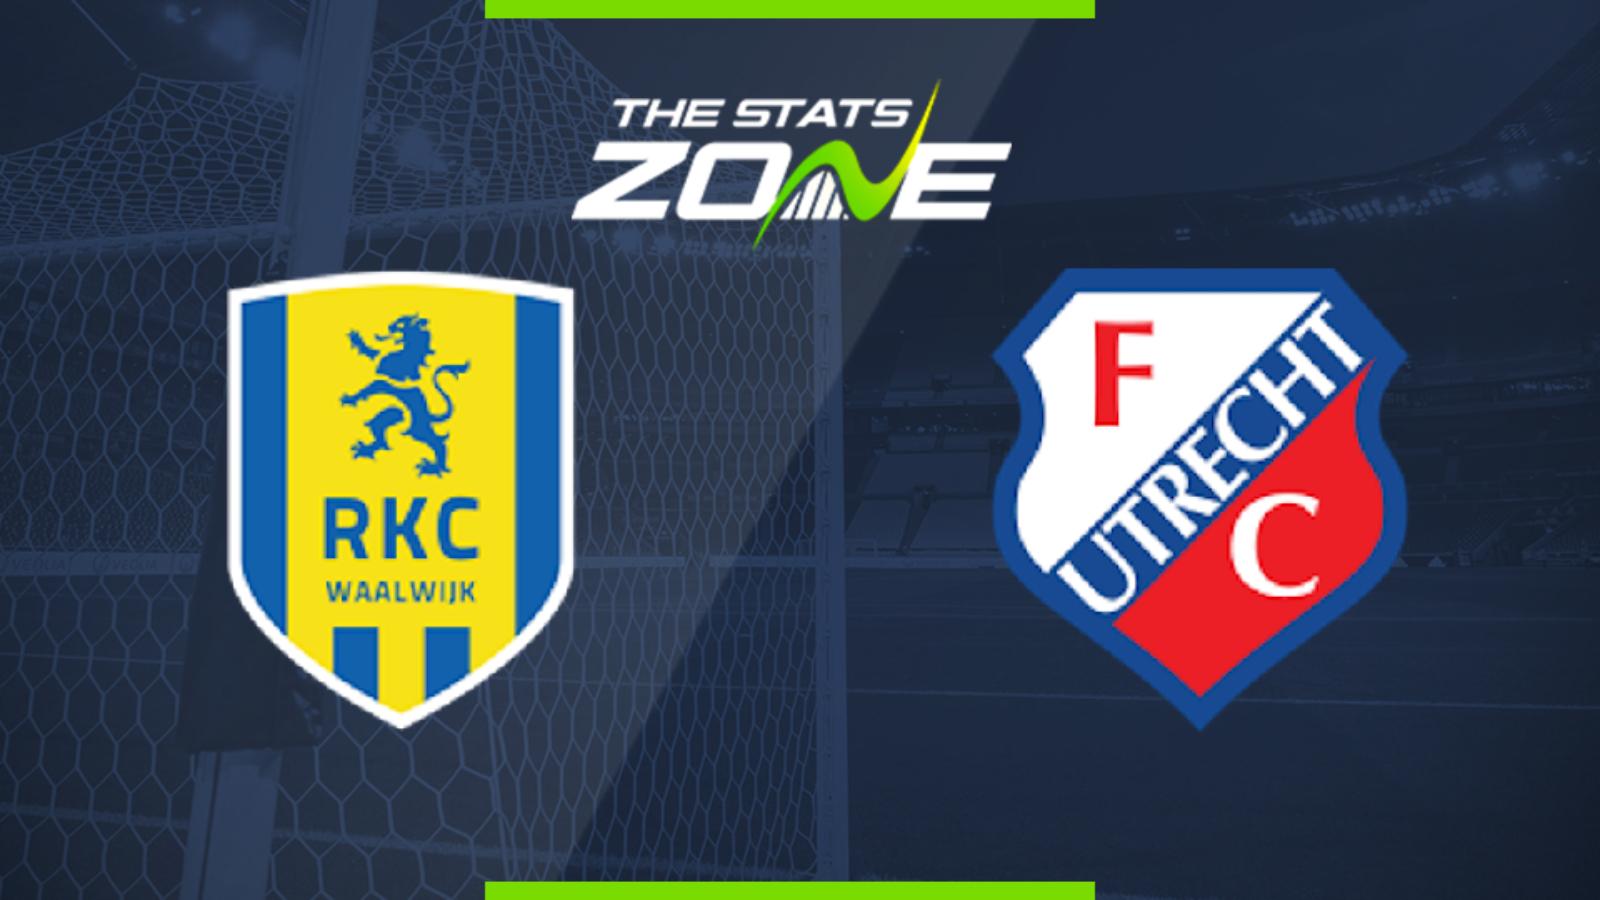 2019 20 Eredivisie Rkc Waalwijk Vs Utrecht Preview Prediction The Stats Zone